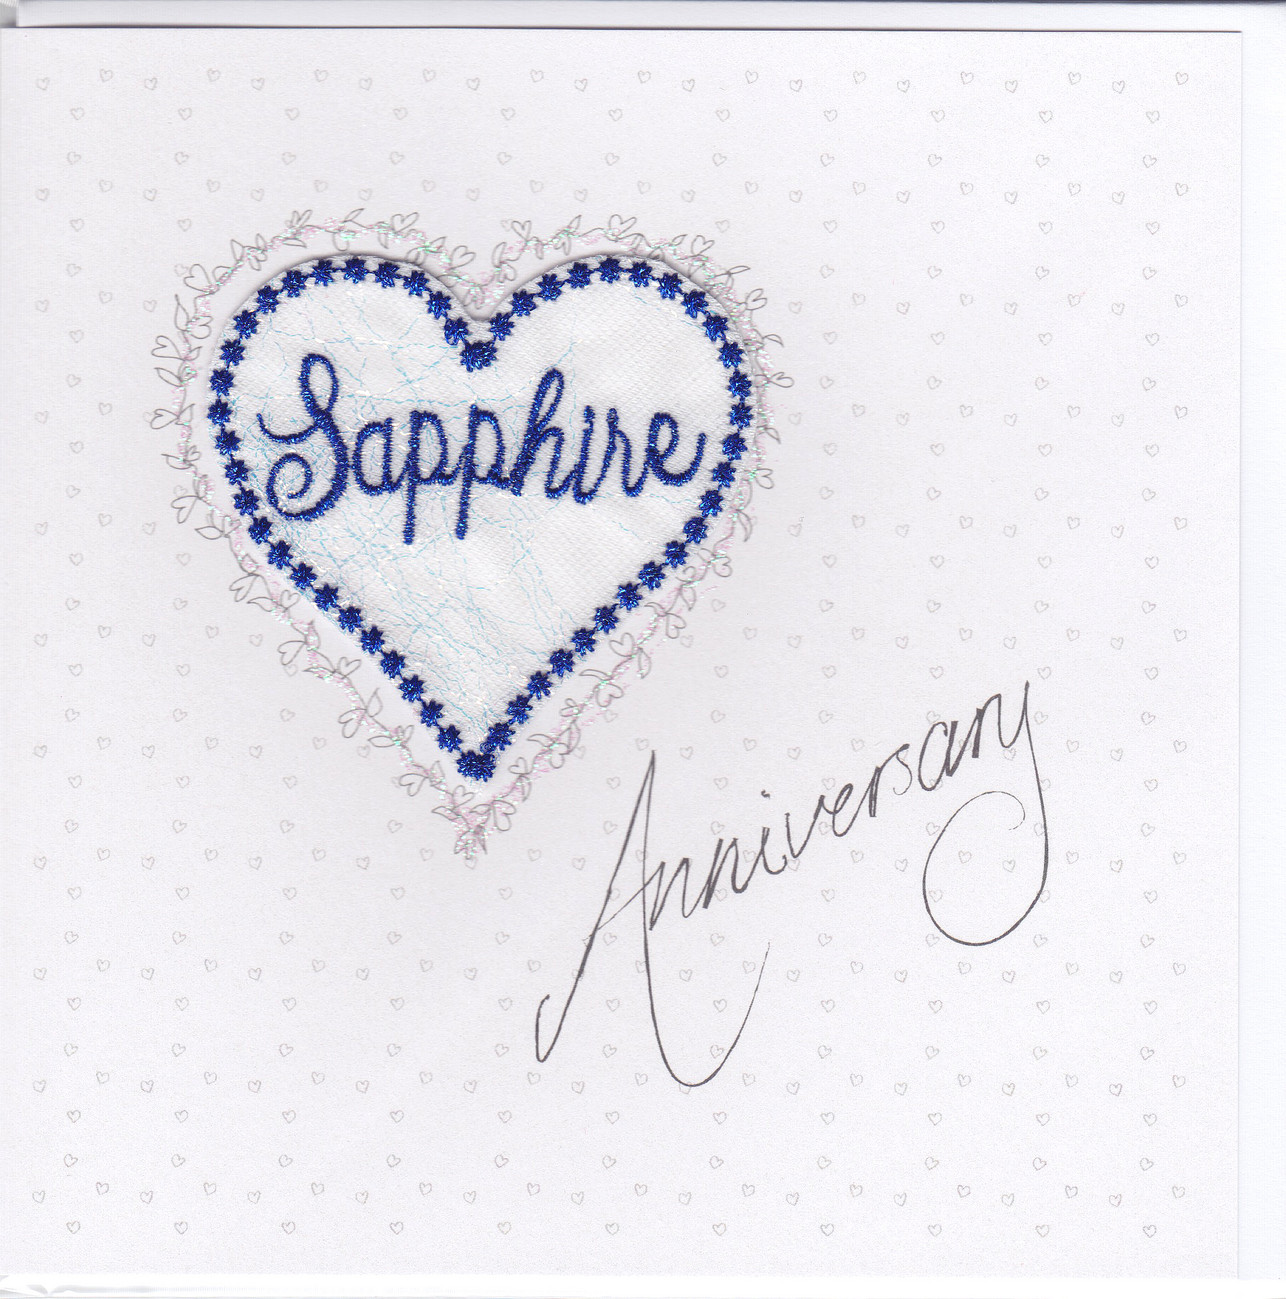 Anniversary Quotes Quotesgram: 45th Wedding Anniversary Quotes. QuotesGram